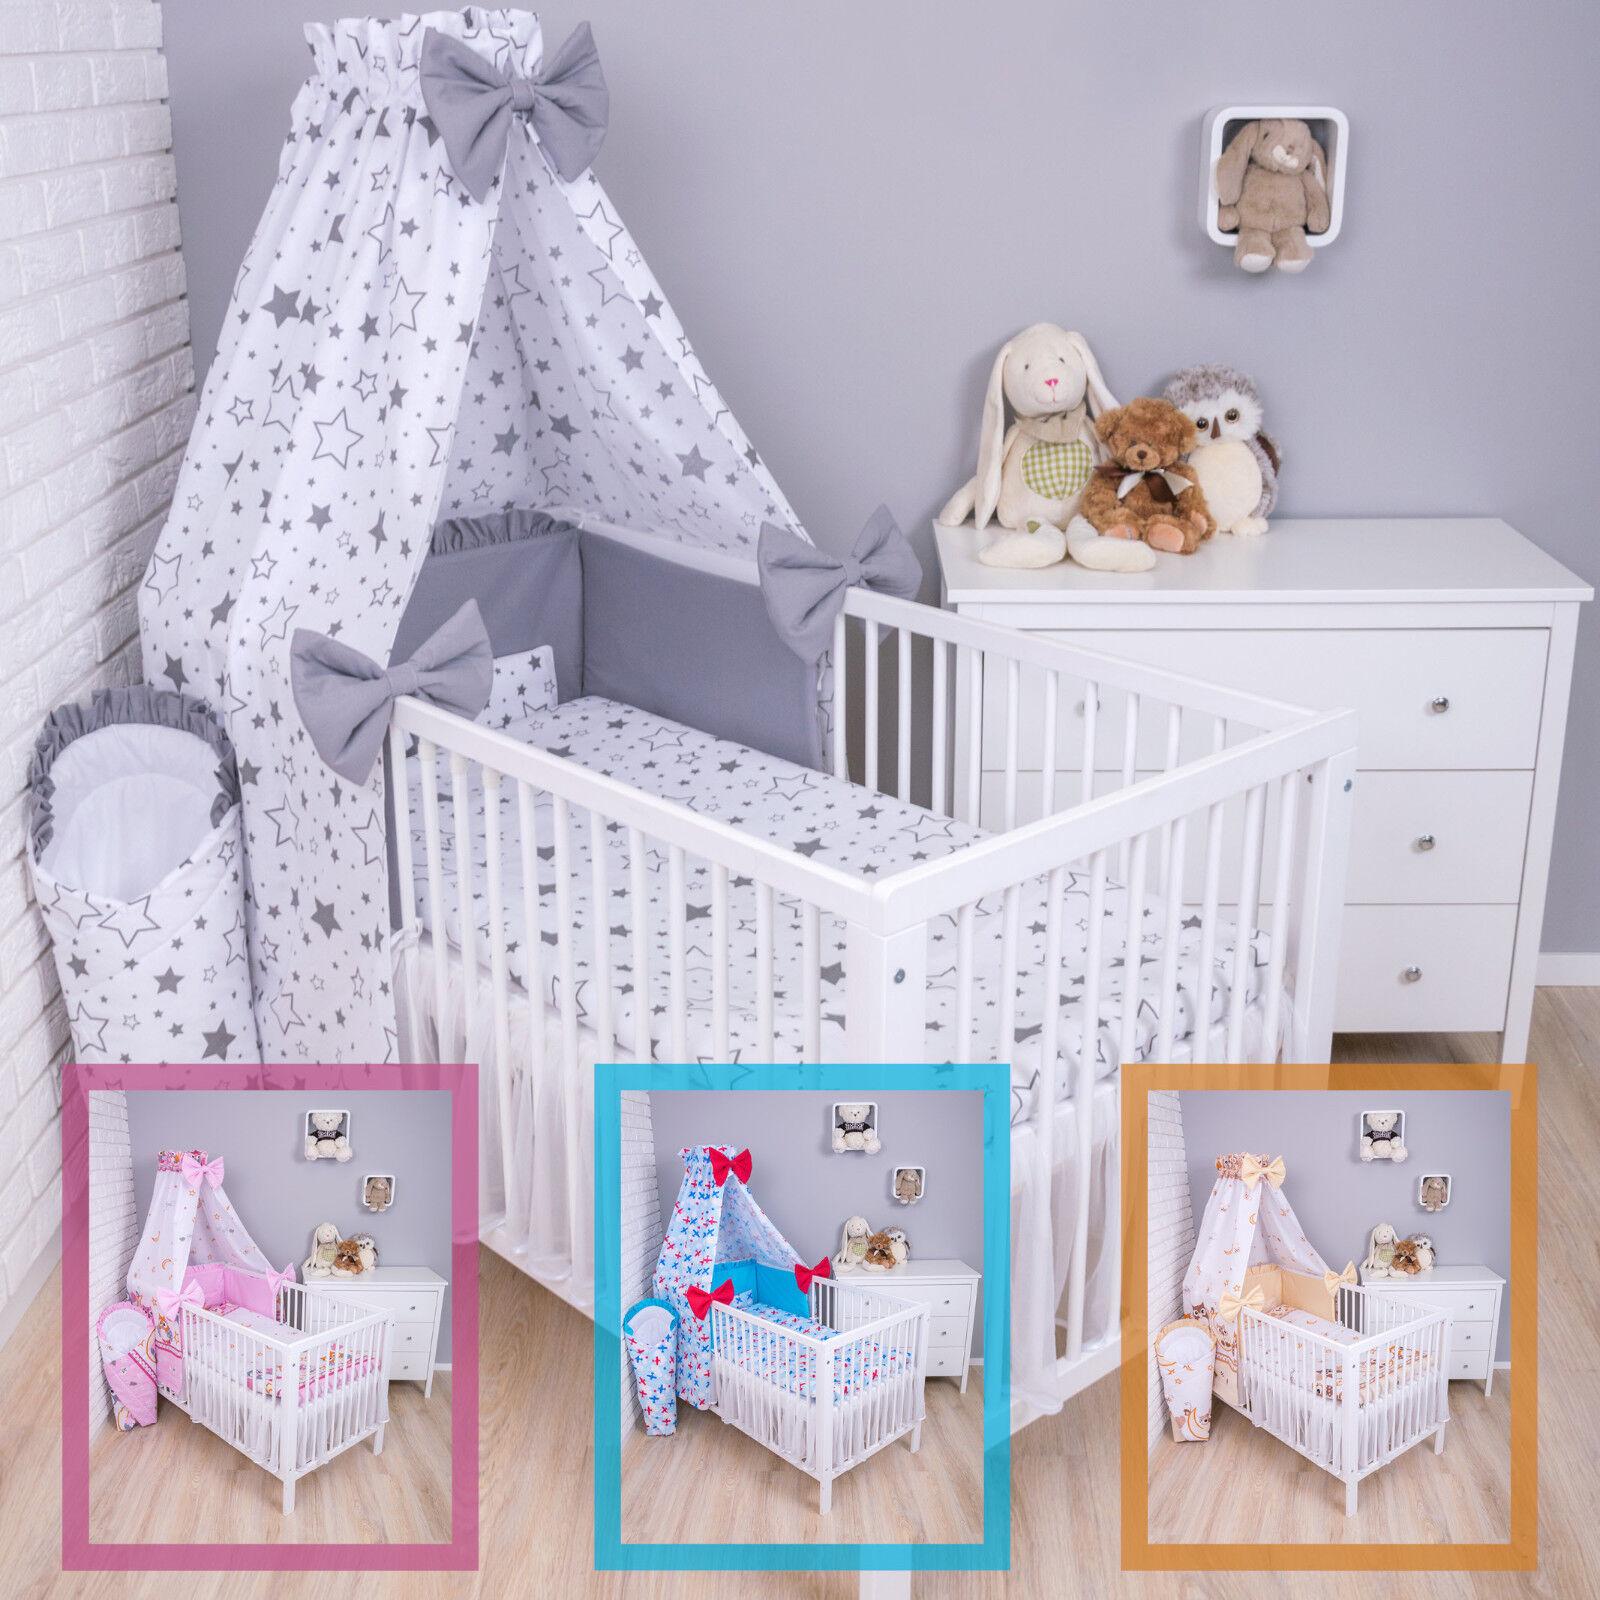 8tlg Babybettwäsche 135x100cm Kinderbettwäsche Bettwäsche Himmel Nestchen Baby